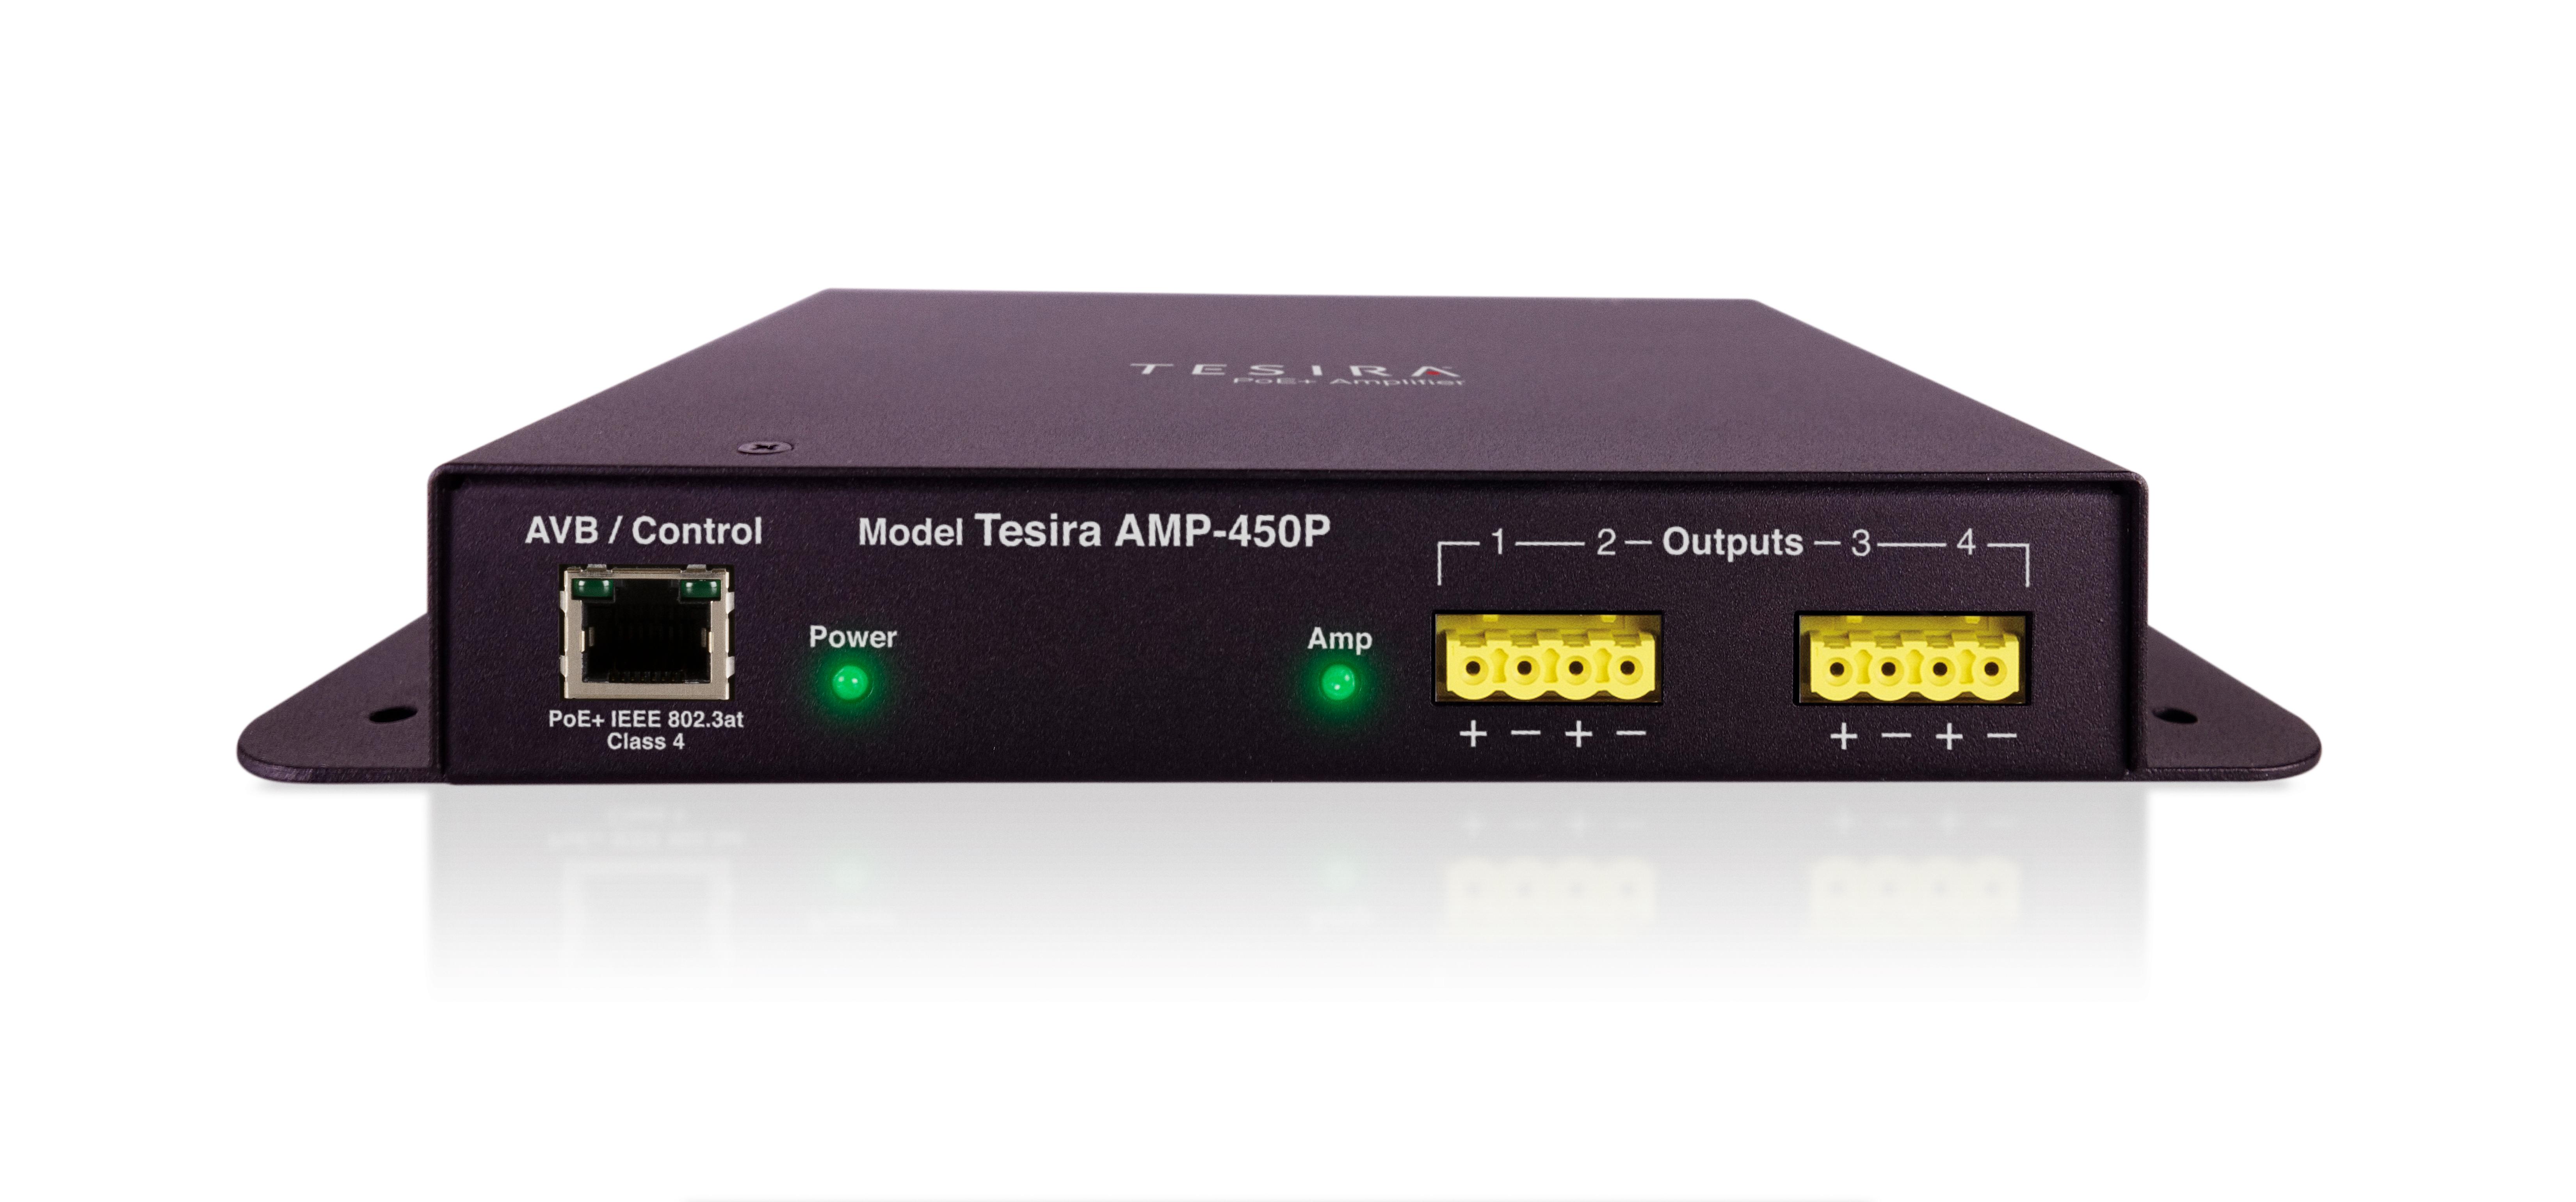 Tesira AMP-450P